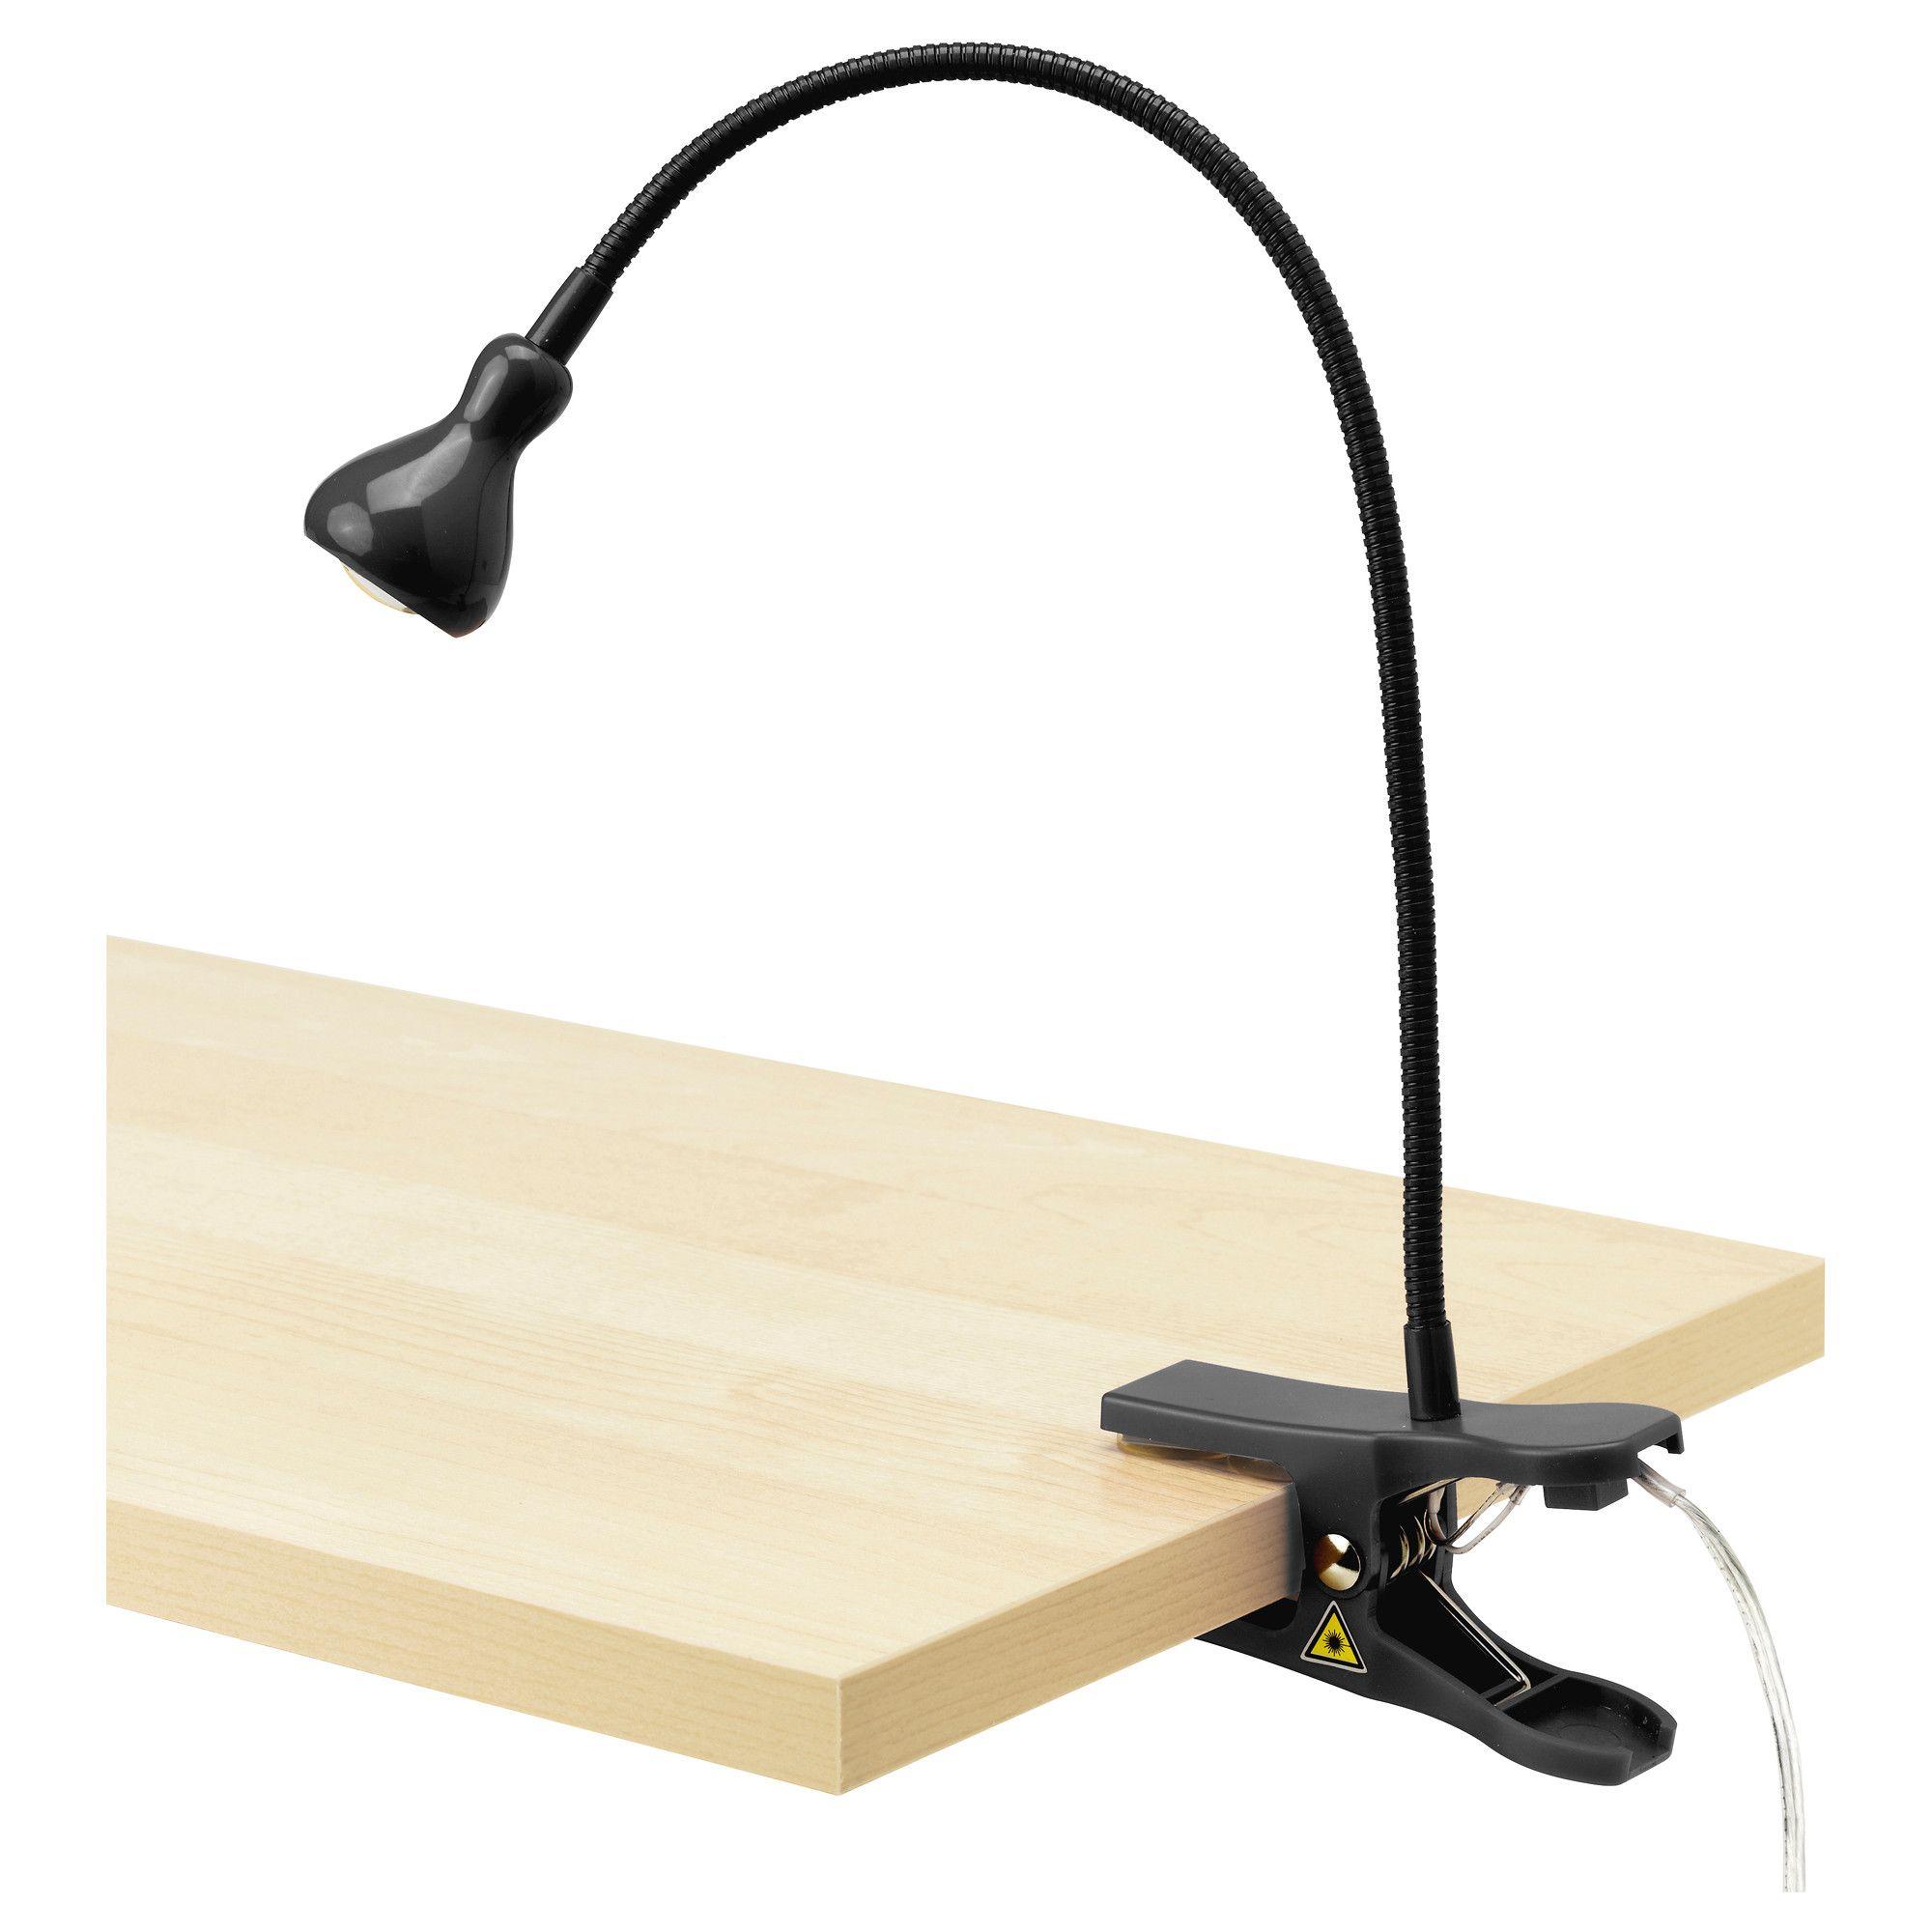 """JANSJÖ LED klemspotlight til """"fiskehjørne"""" - IKEA - 79.-/stk"""